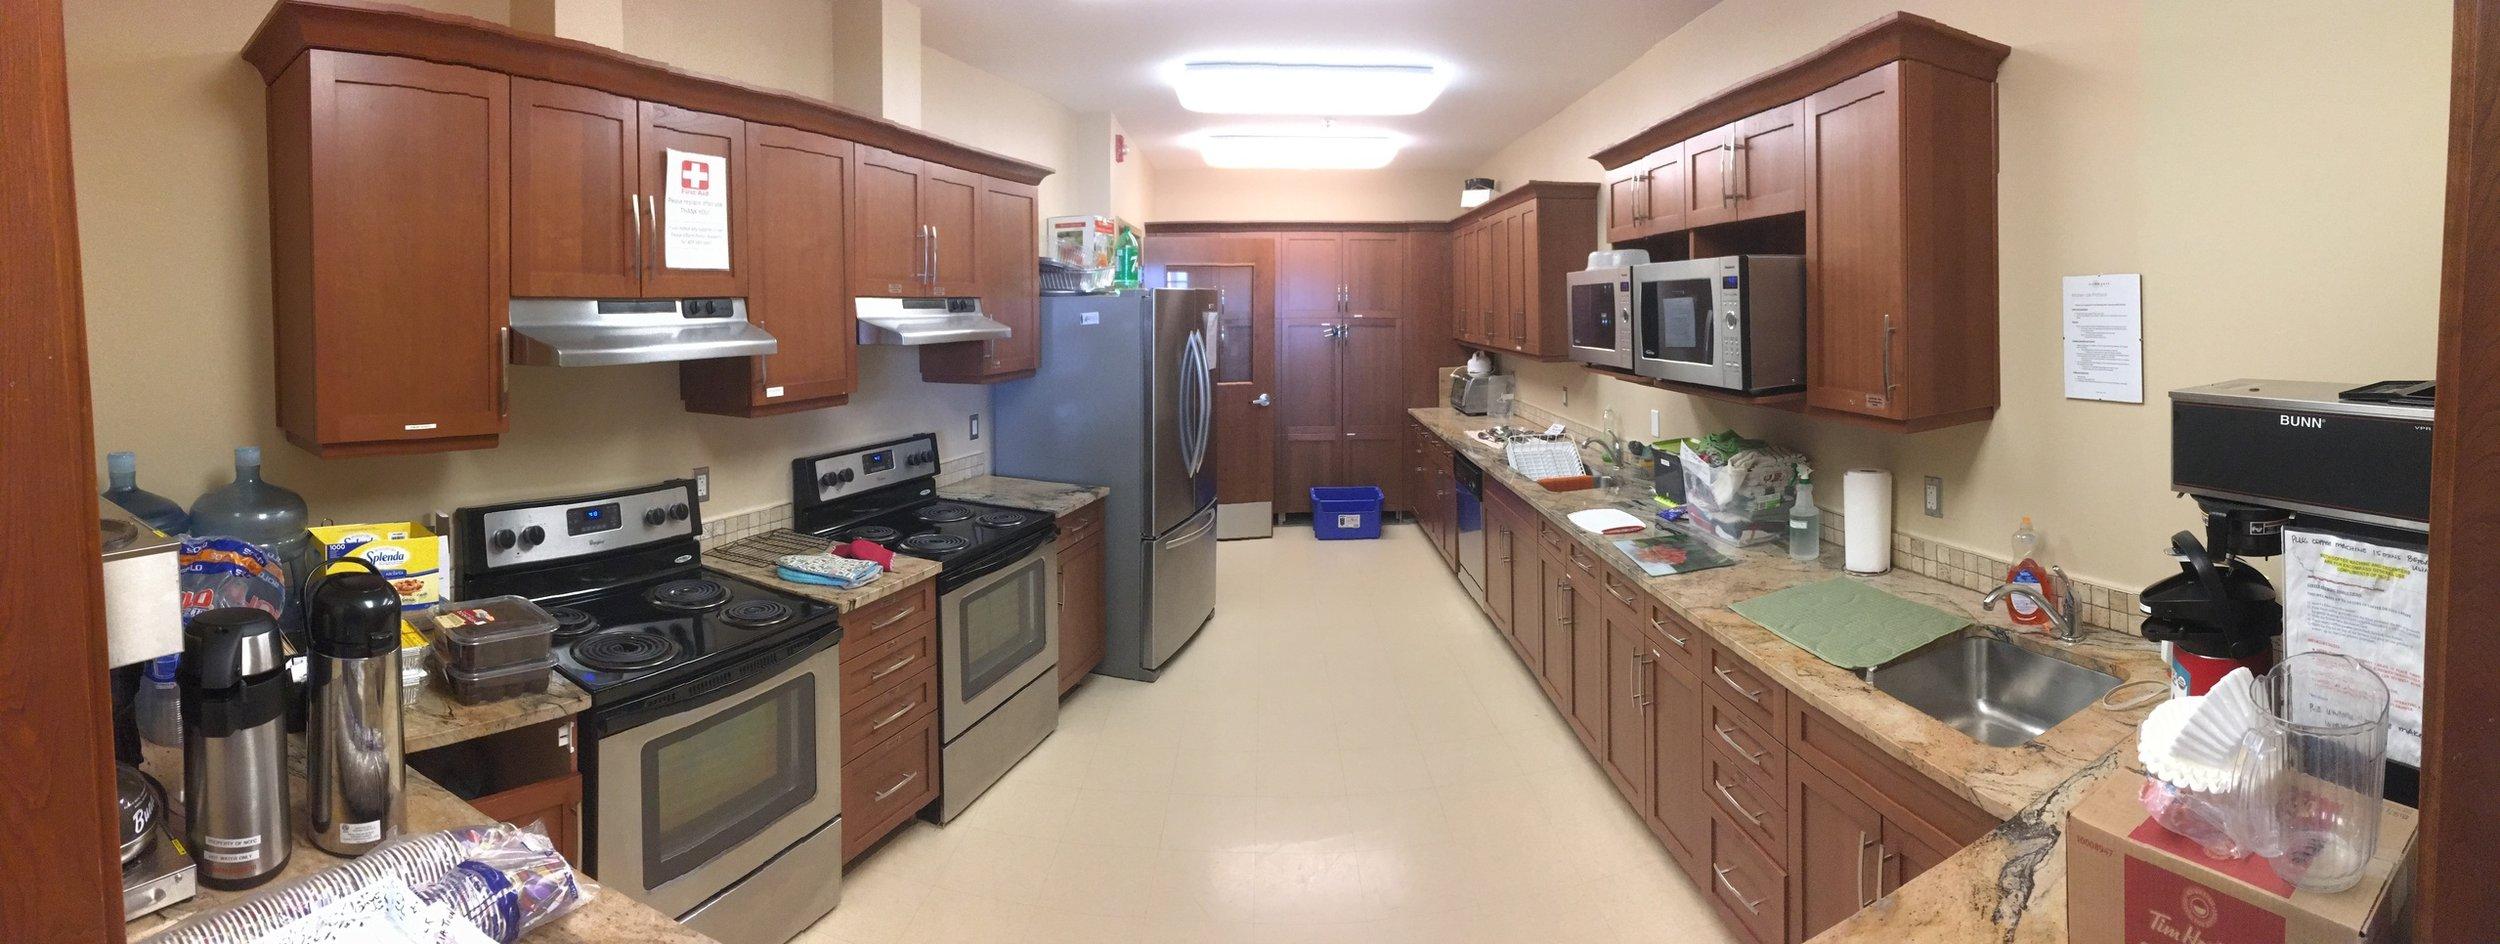 Kitchen - view 1JPG.jpg